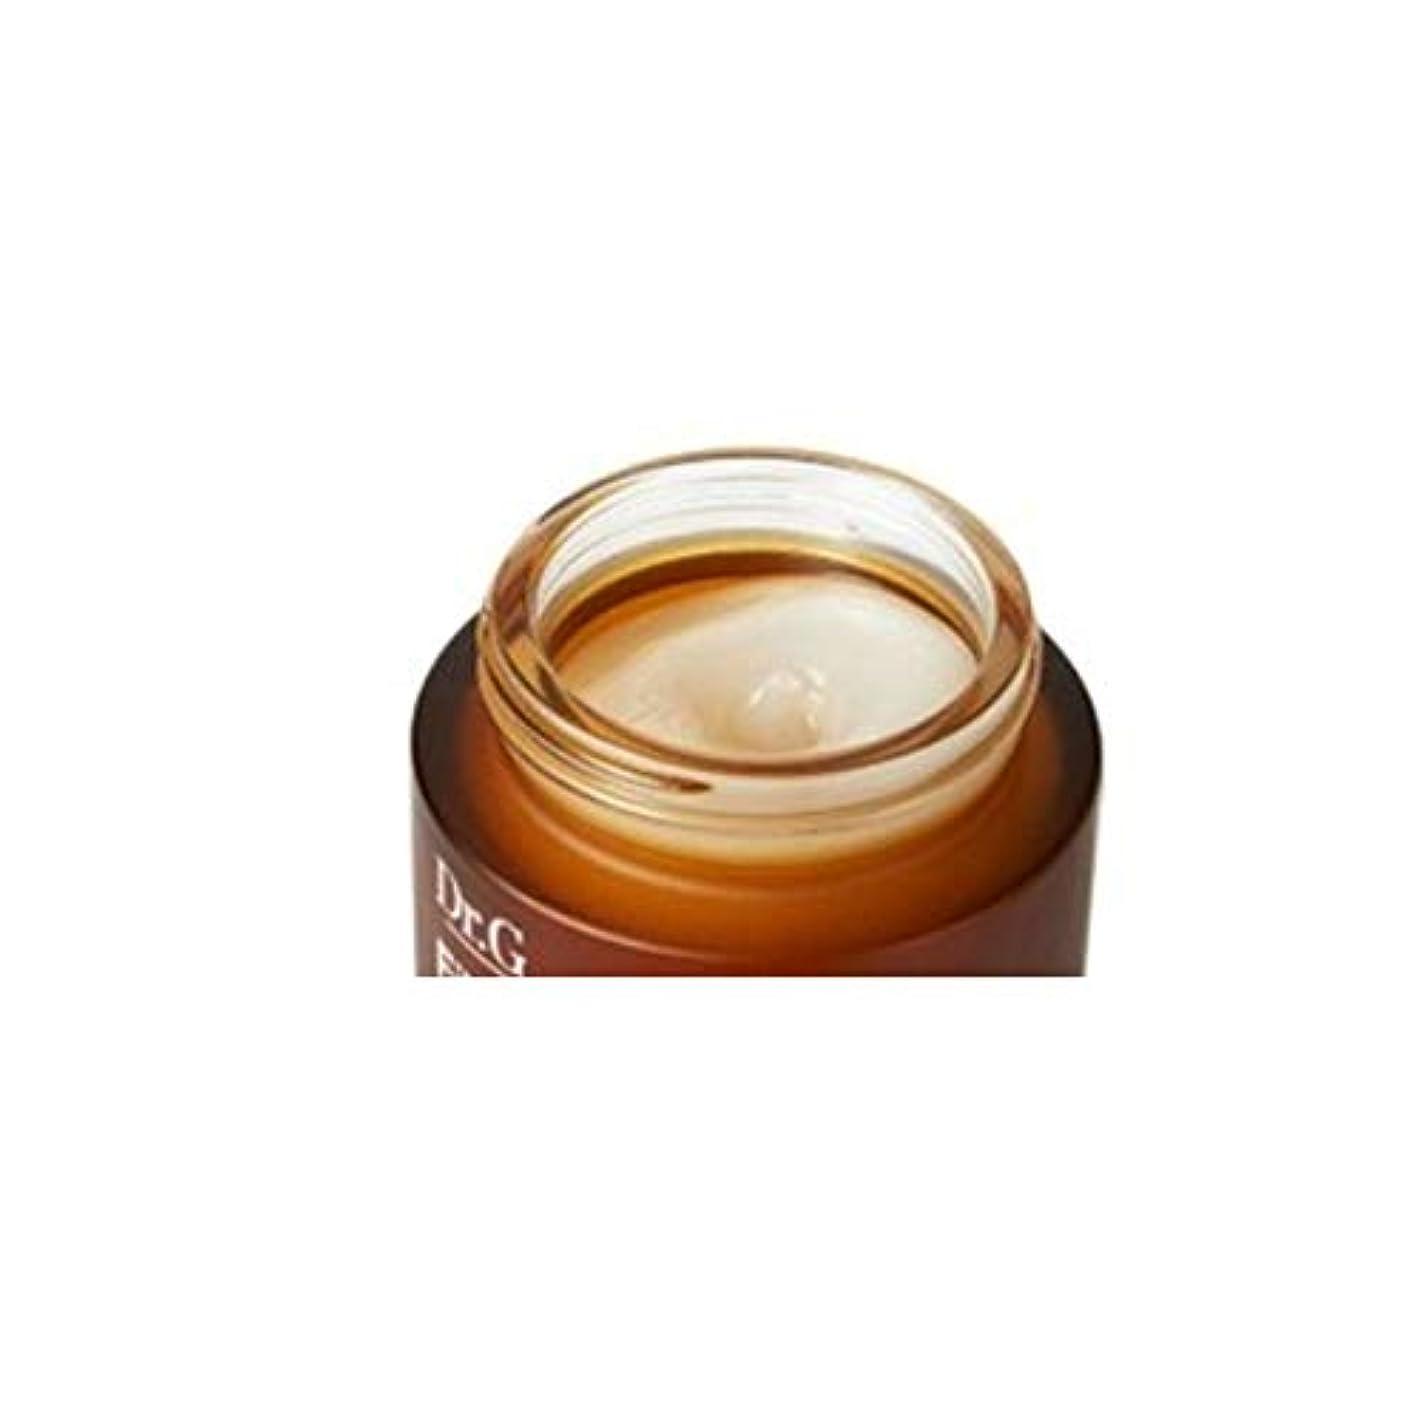 ヒギンズ楽観的マキシムドクターGピラーグリーンバリアBalm 50mlx2本セット お肌の保湿 韓国コスメ、Dr.G Filagrin Barrier Balm 50ml x 2ea Set Korean Cosmetics [並行輸入品]